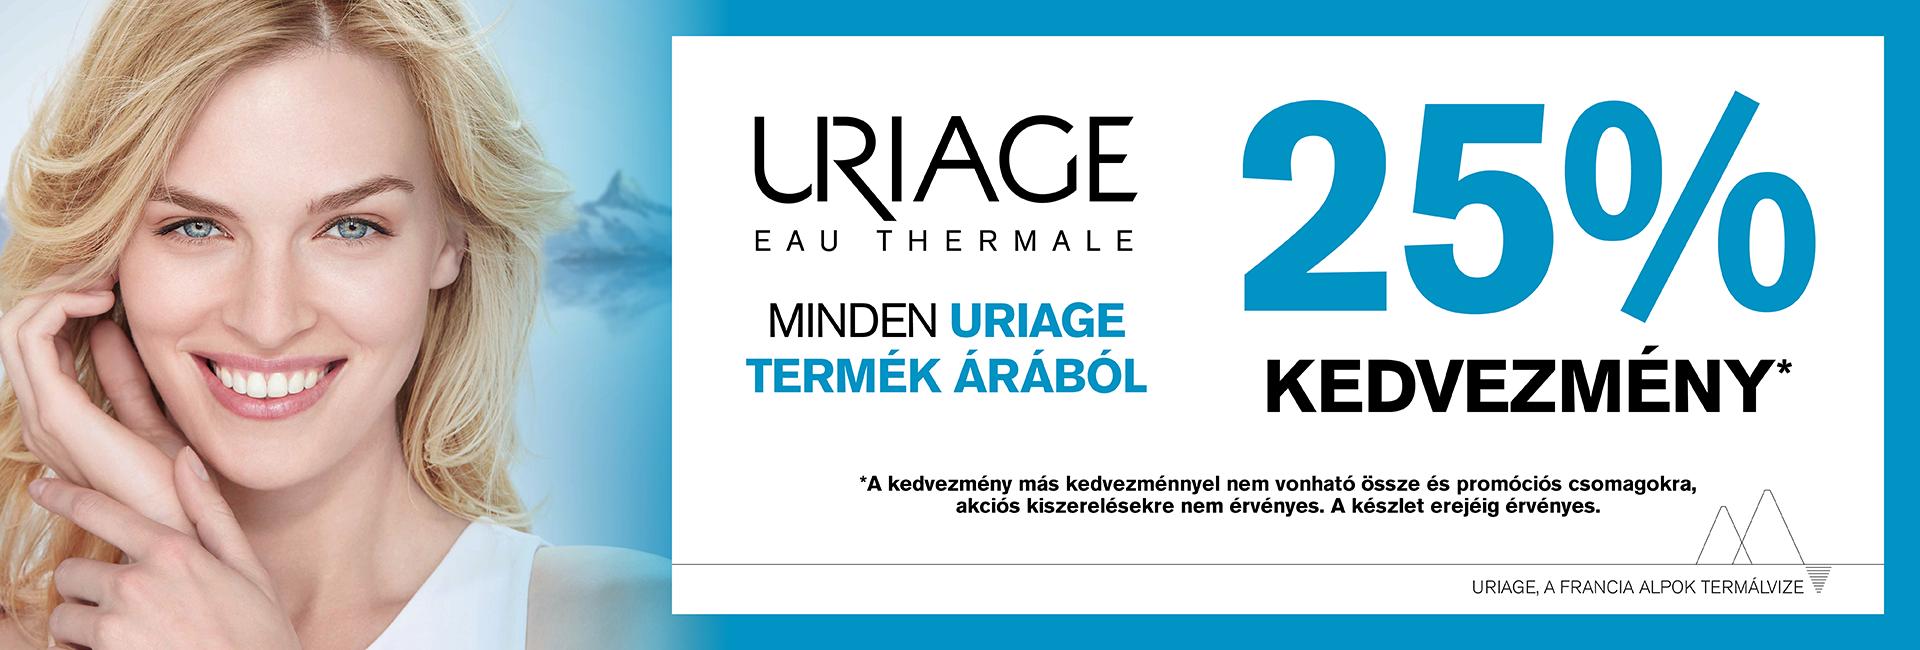 2020. június 19-29. között 25% kedvezményt adunk minden Uriage termék árából!